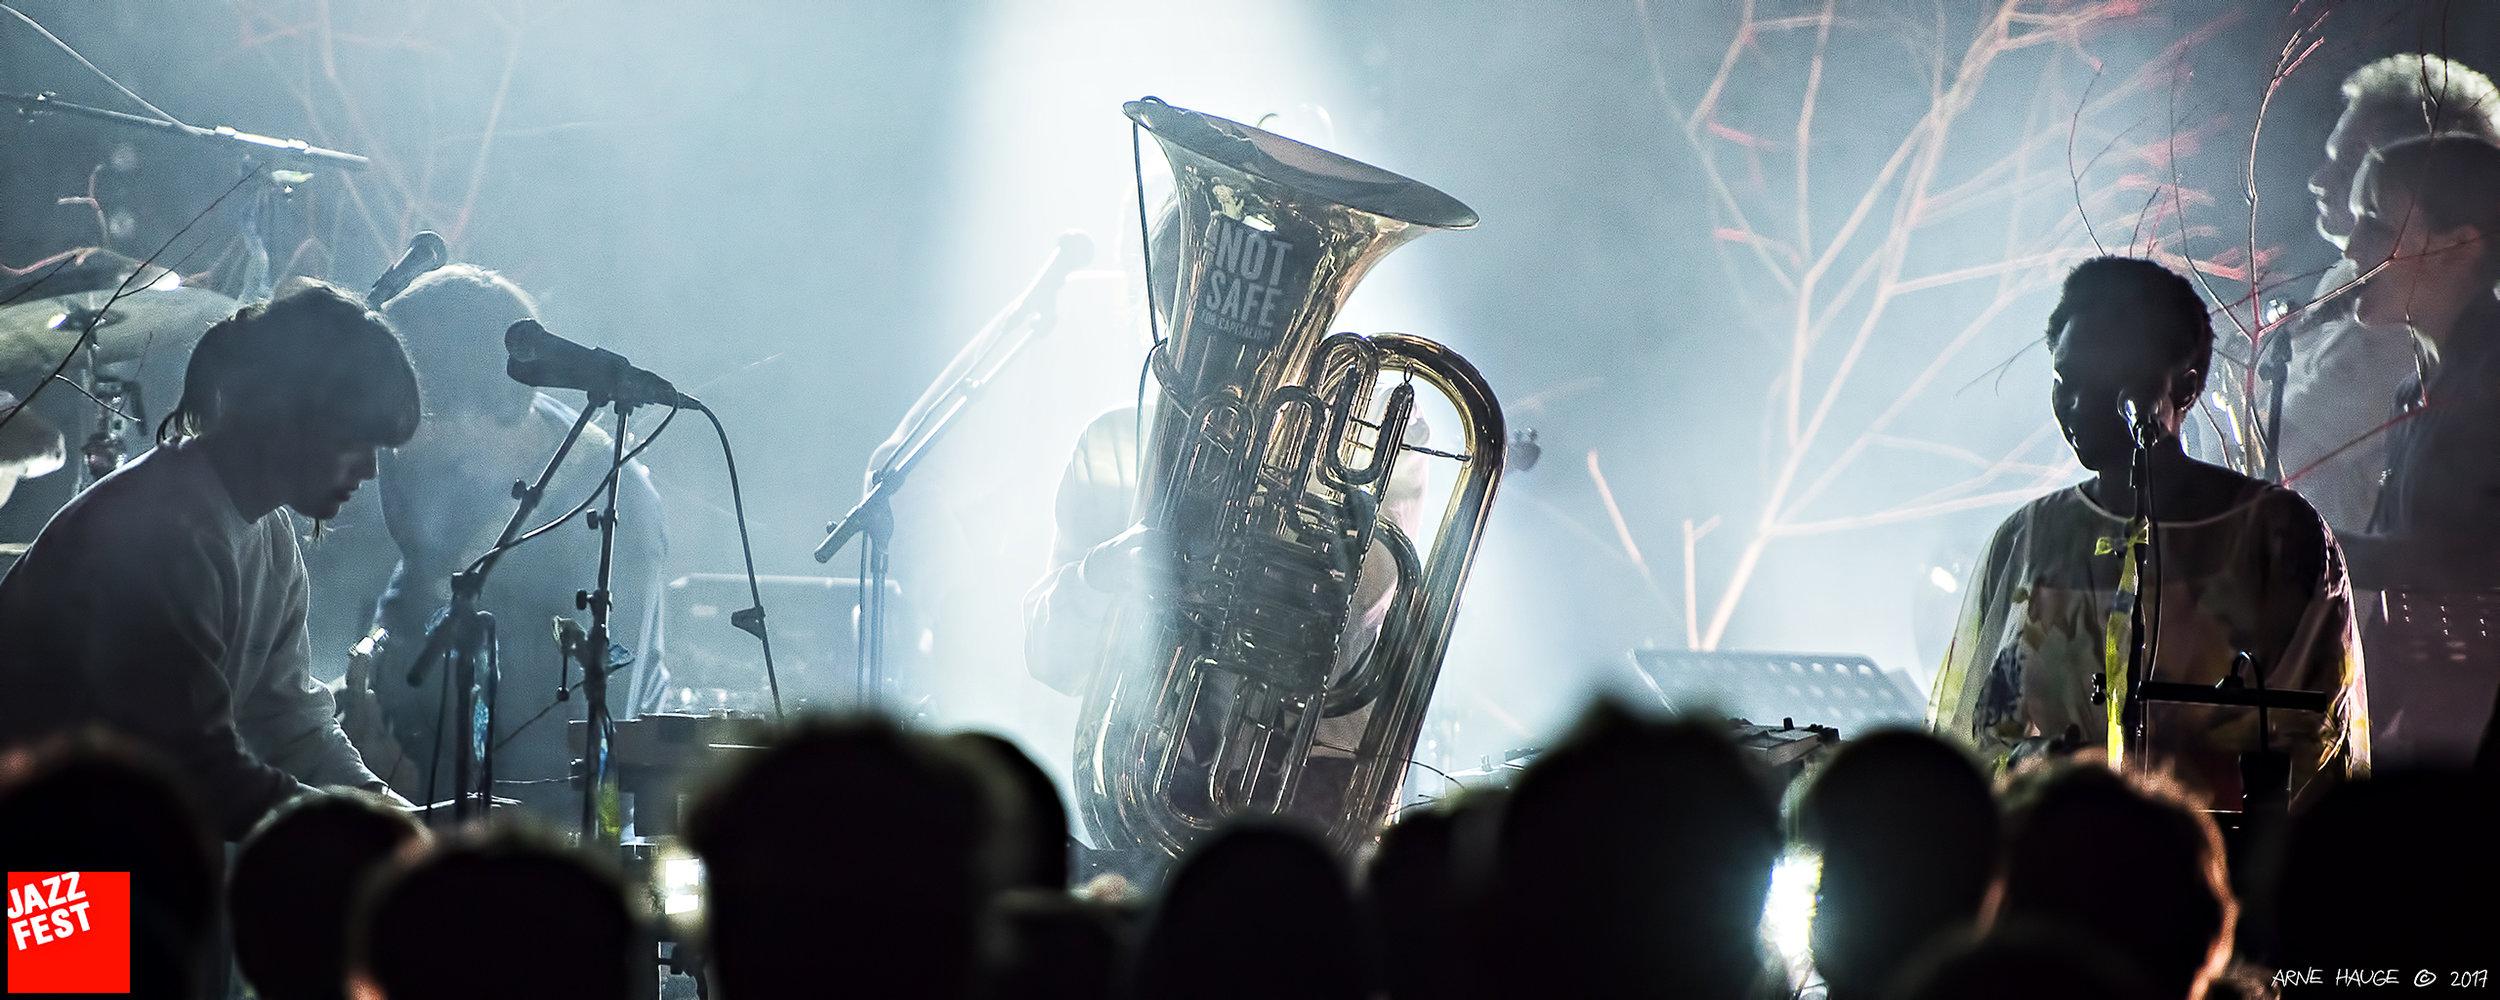 Trondheim Jazz Orch & Skrap_04.jpg